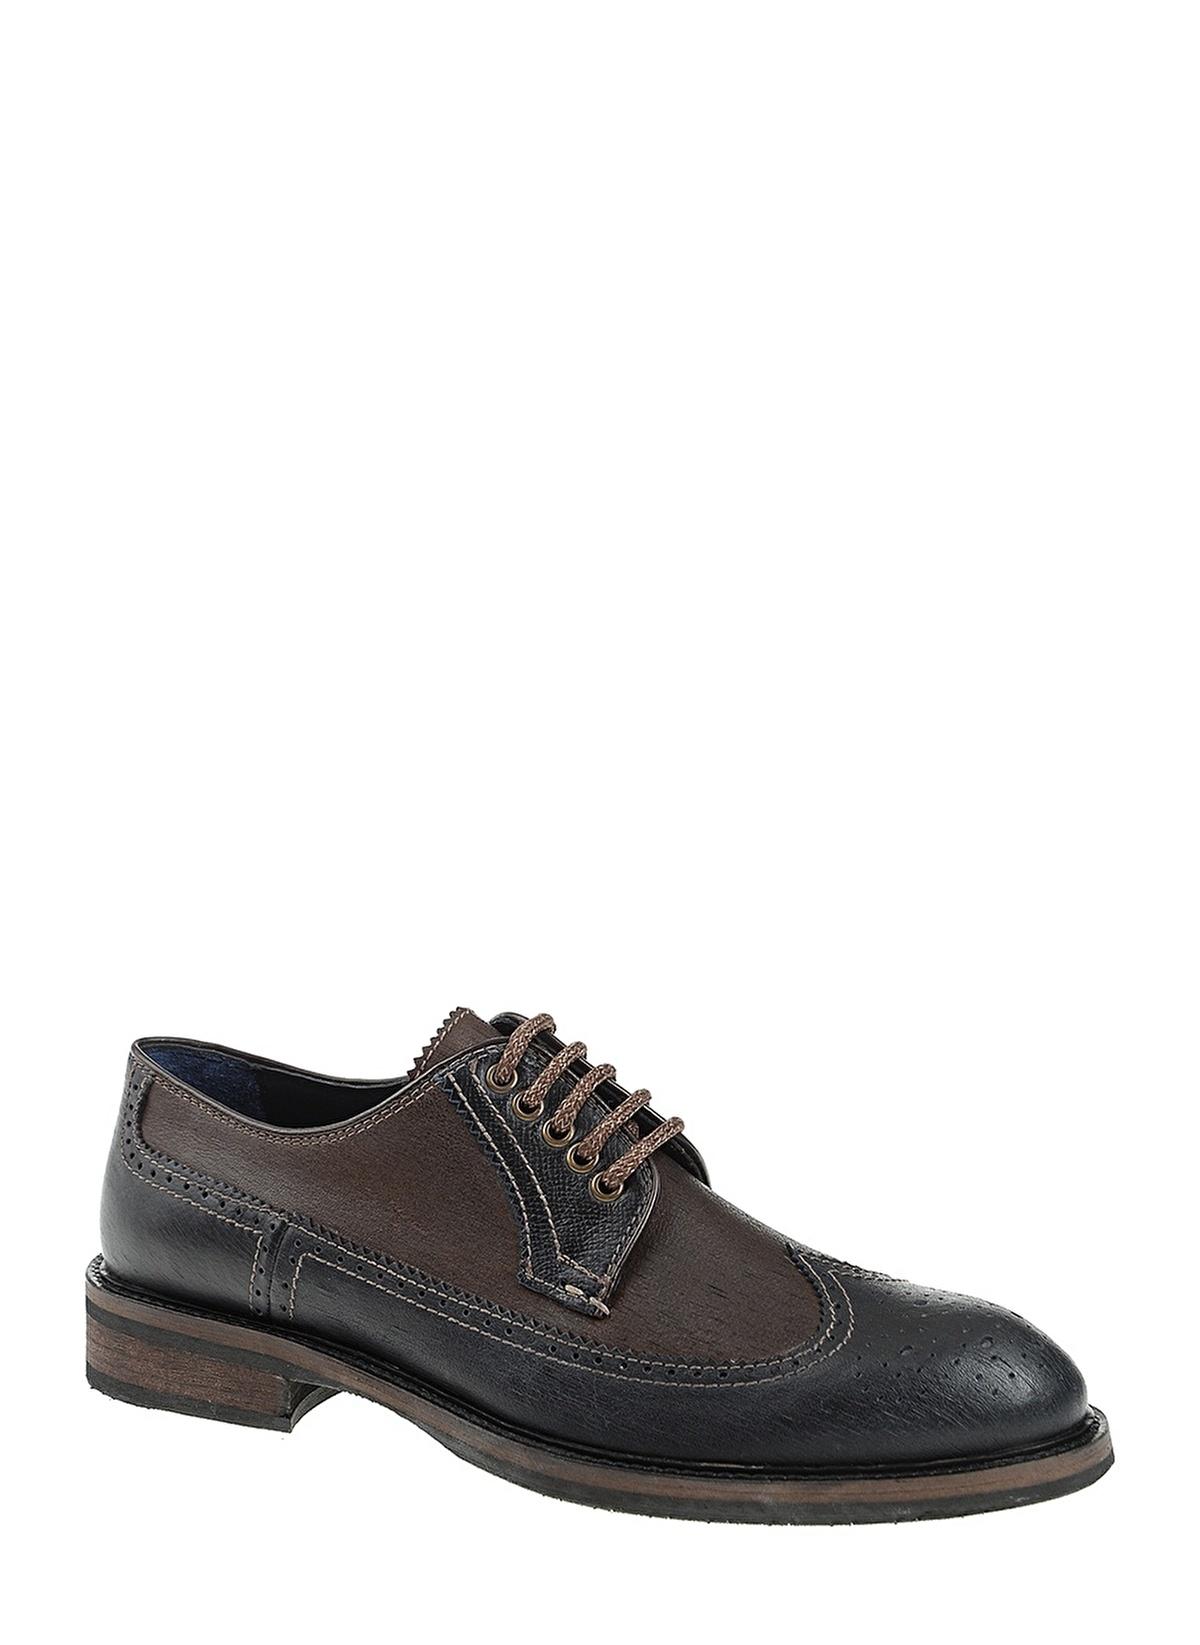 Divarese %100 Deri Oxford Ayakkabı 5020386 E Ayakkabı – 225.0 TL